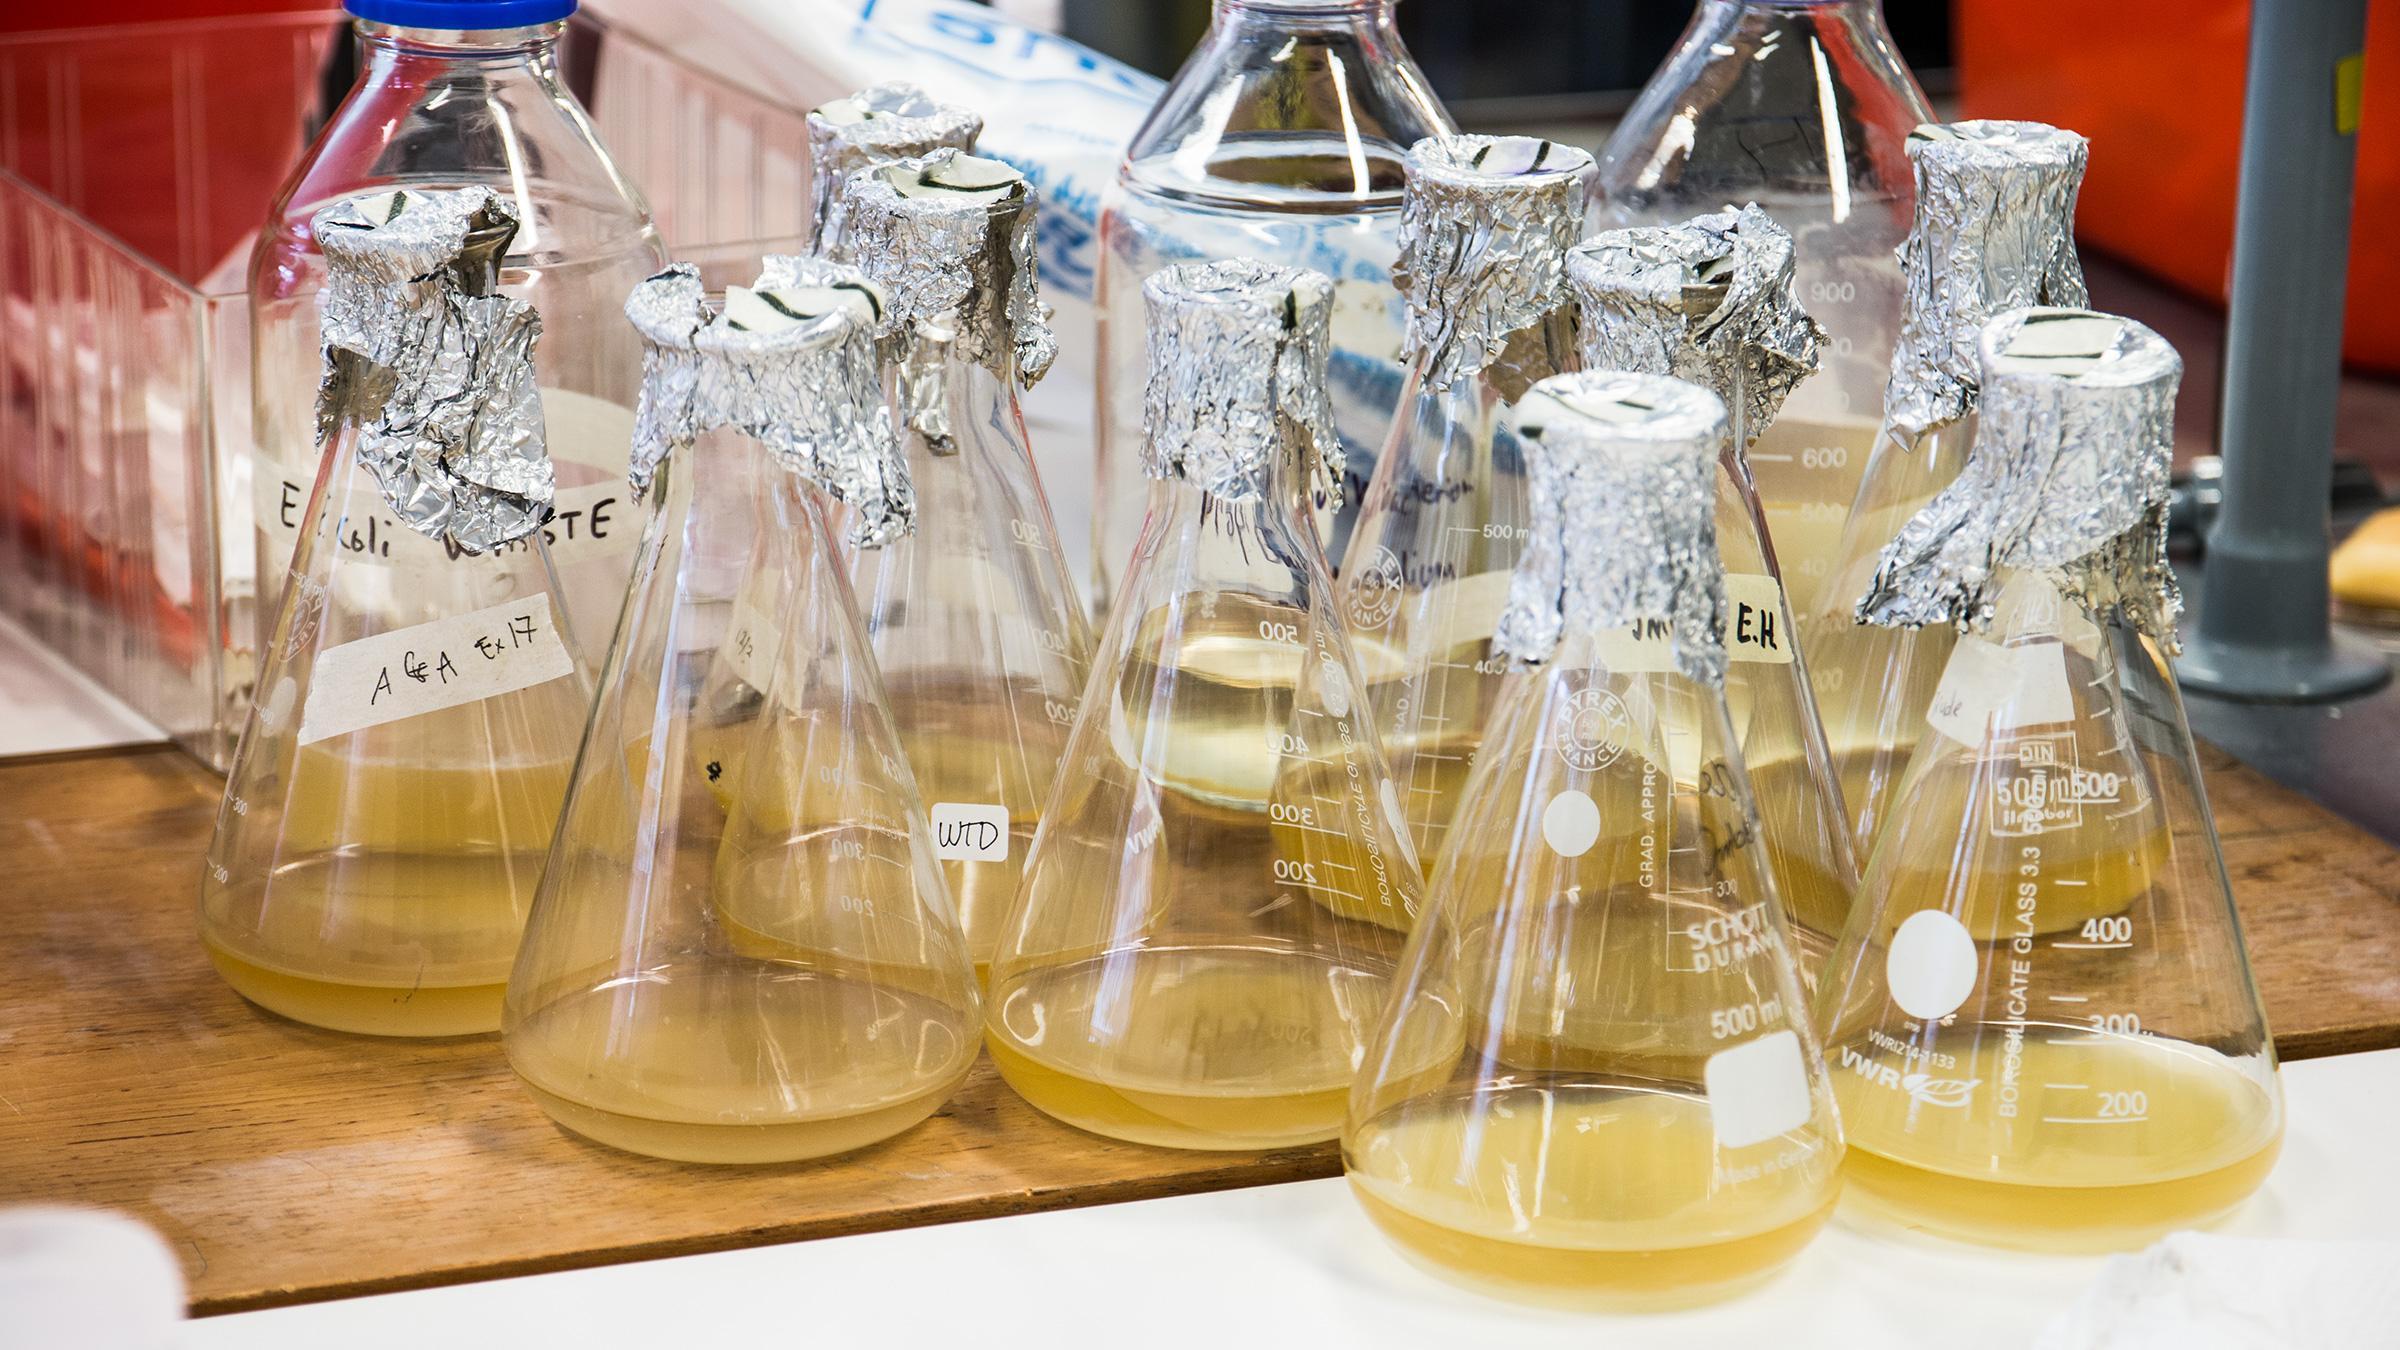 Mystiske kolber, flasker, glass og petriskåler er nødvendigvis innslag på en bakterielab.Foto: Varg Aamo, Hardware.no